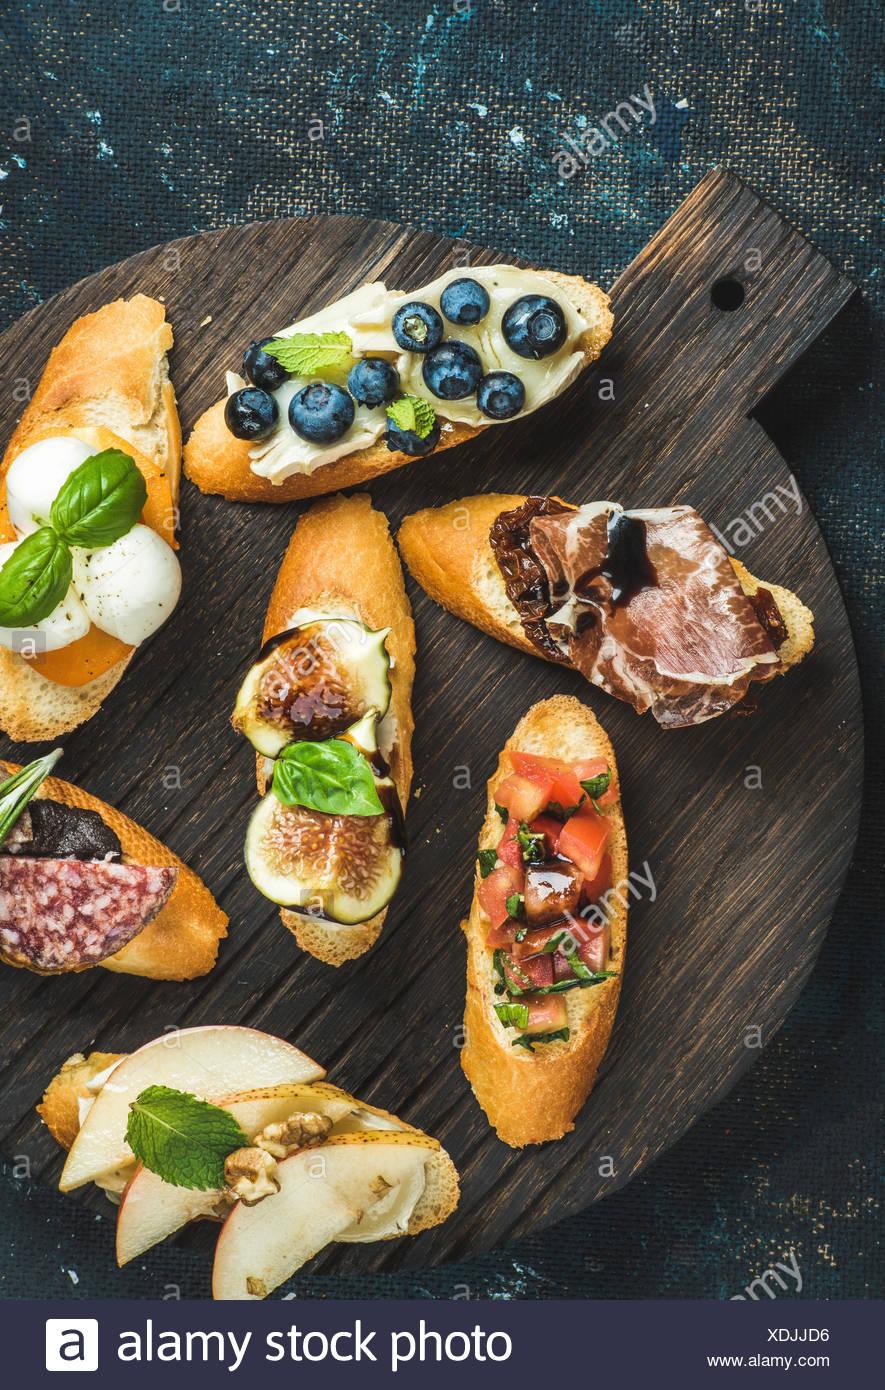 Crostini italiano con vari ingredienti sulla rotonda che serve in legno bordo nero su sfondo di legno compensato, vista dall'alto Immagini Stock